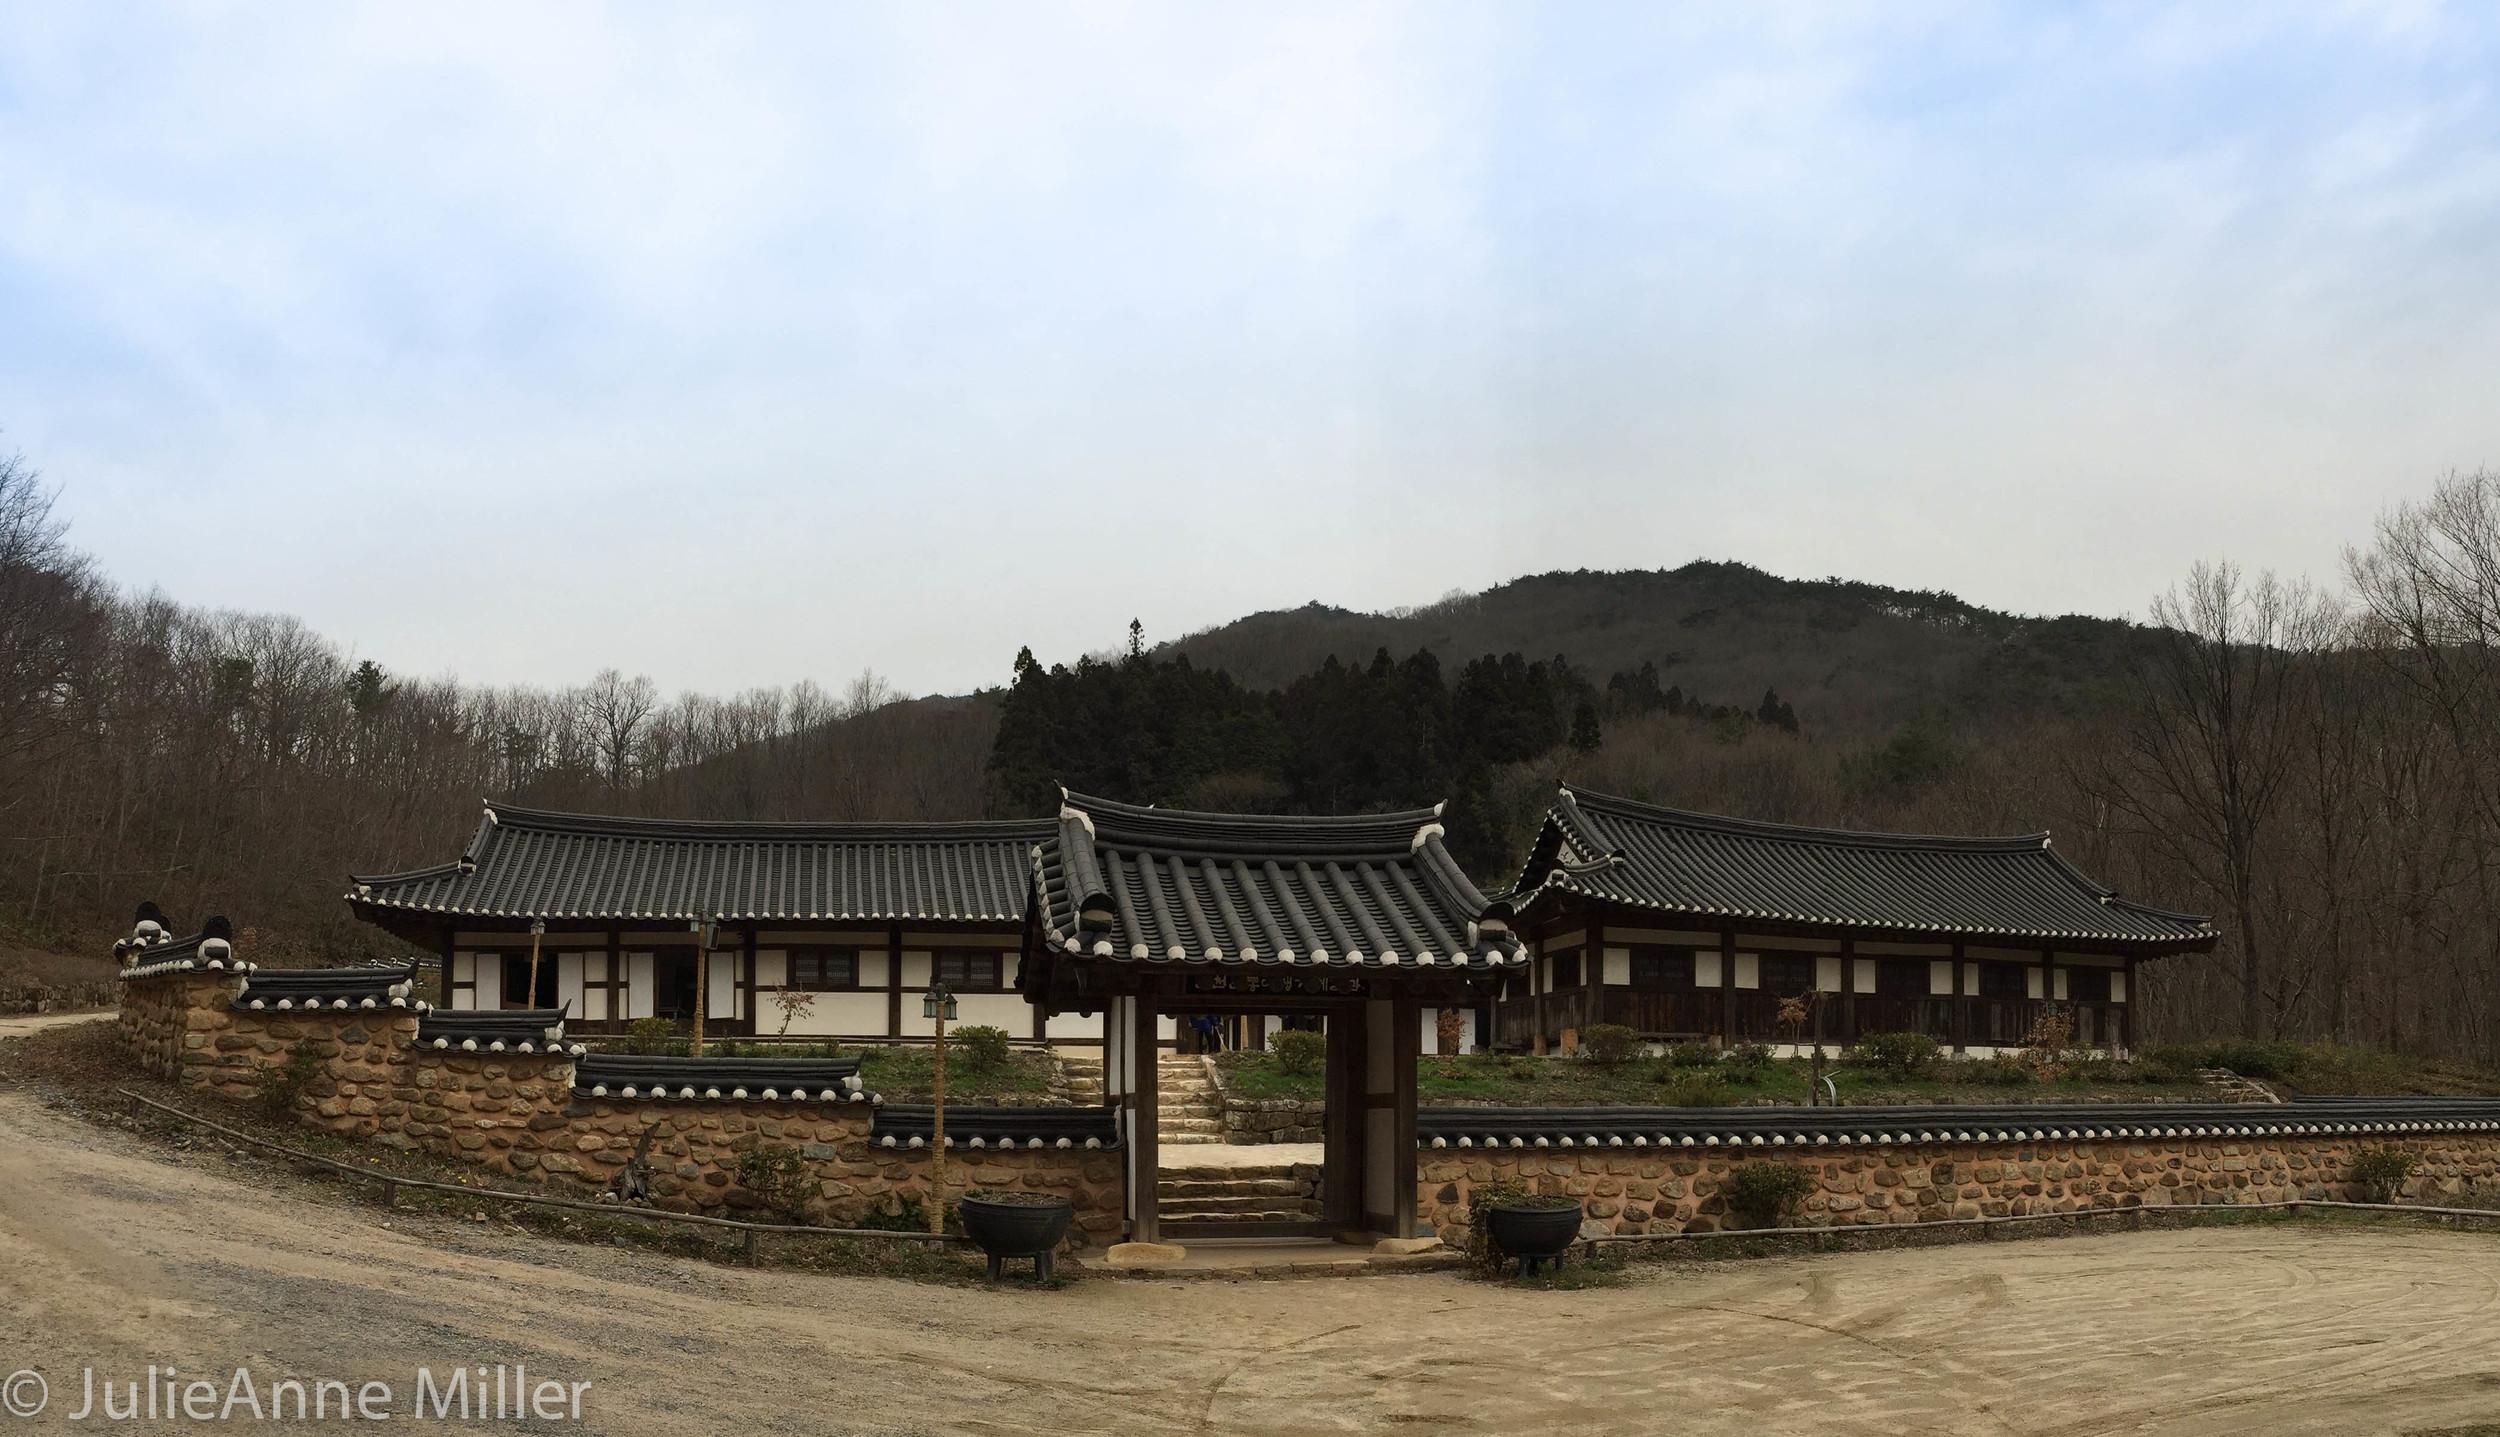 Sunchon Wild Tea House, Korea